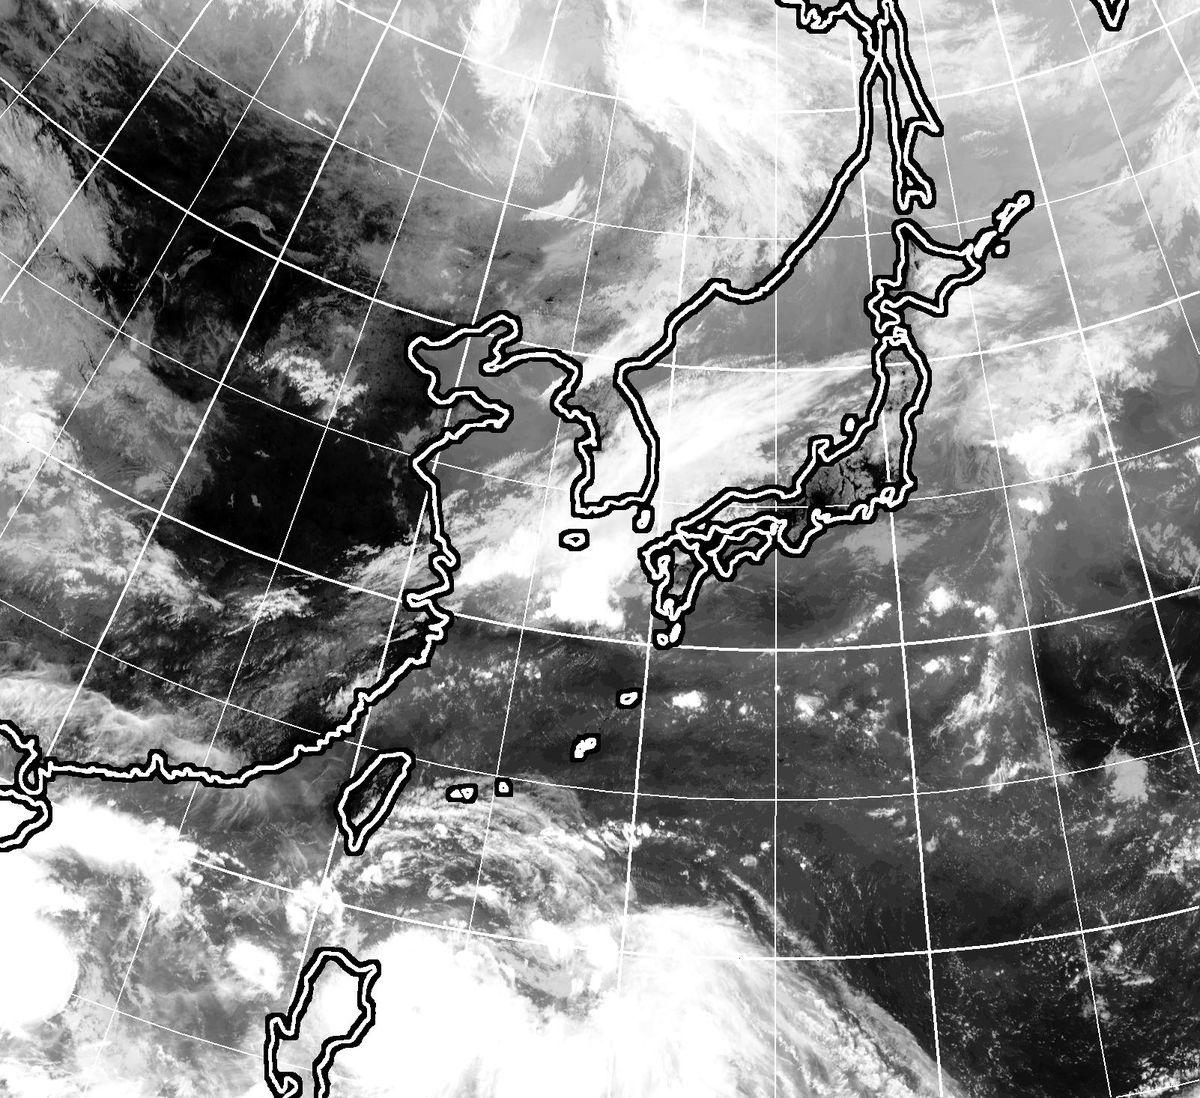 9月10日11時現在のひまわり雲画像